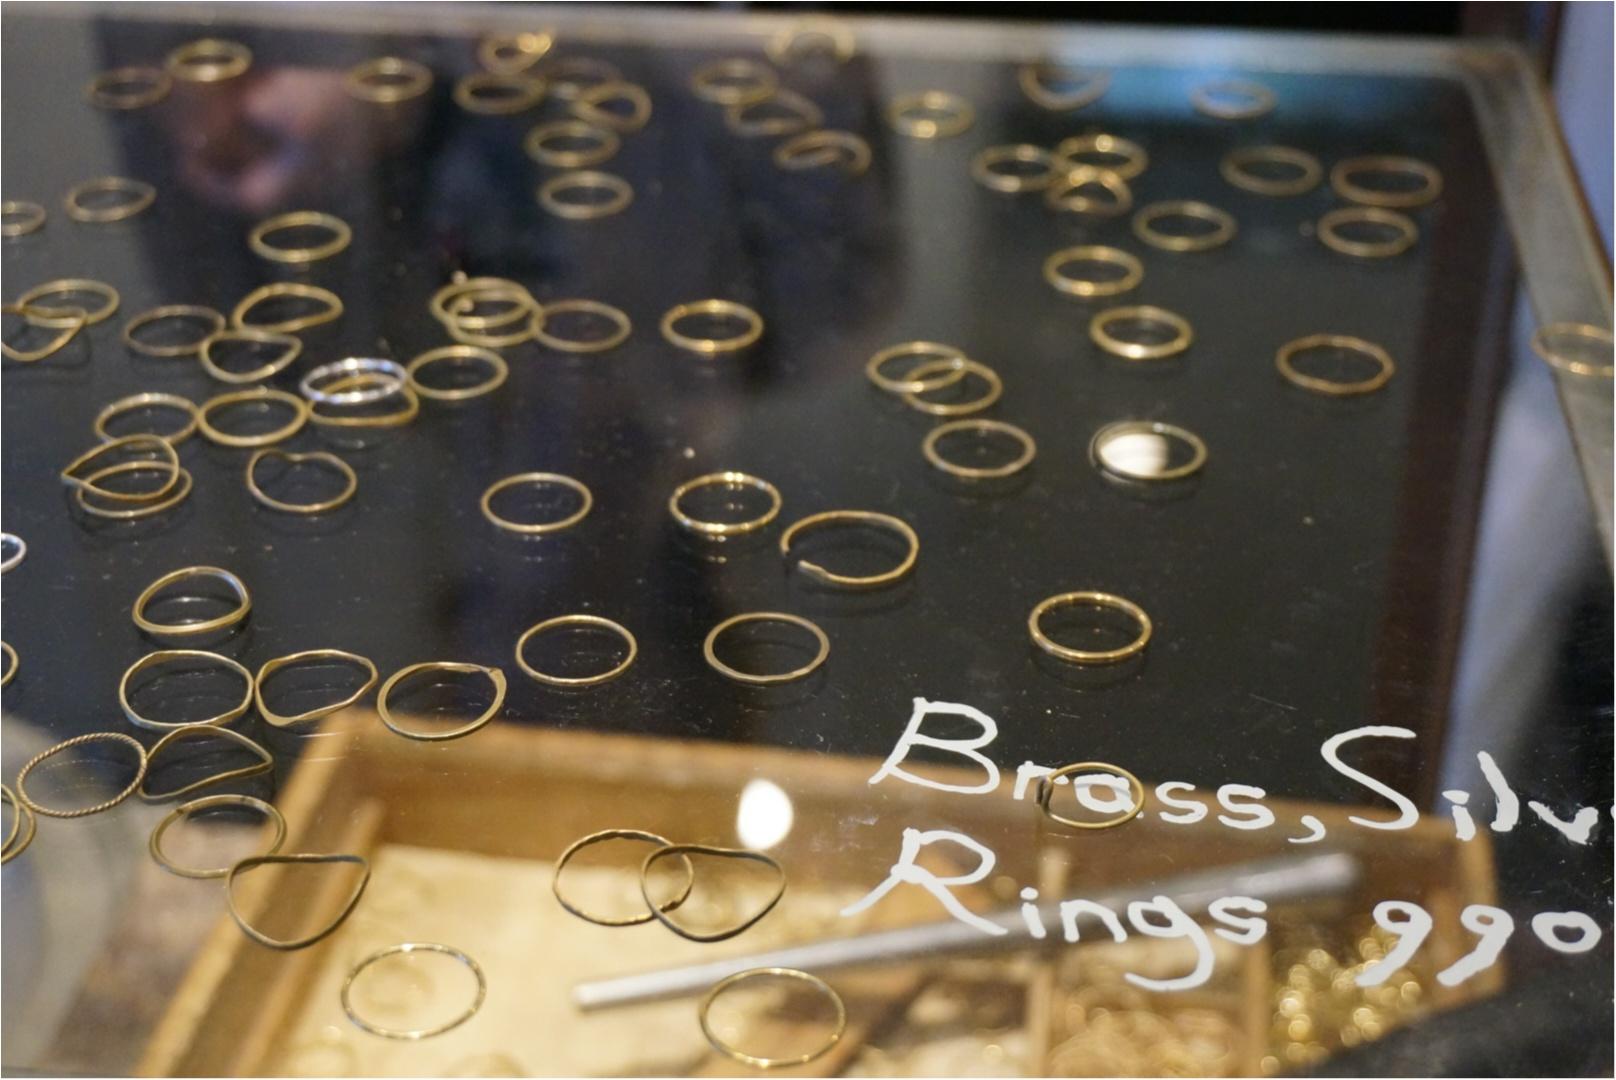 1個990円‼️鎌倉へ行ったら《世界に1つだけ》・《自分だけ》の指輪を作ろうヽ(^◇^*)/ ♪_2